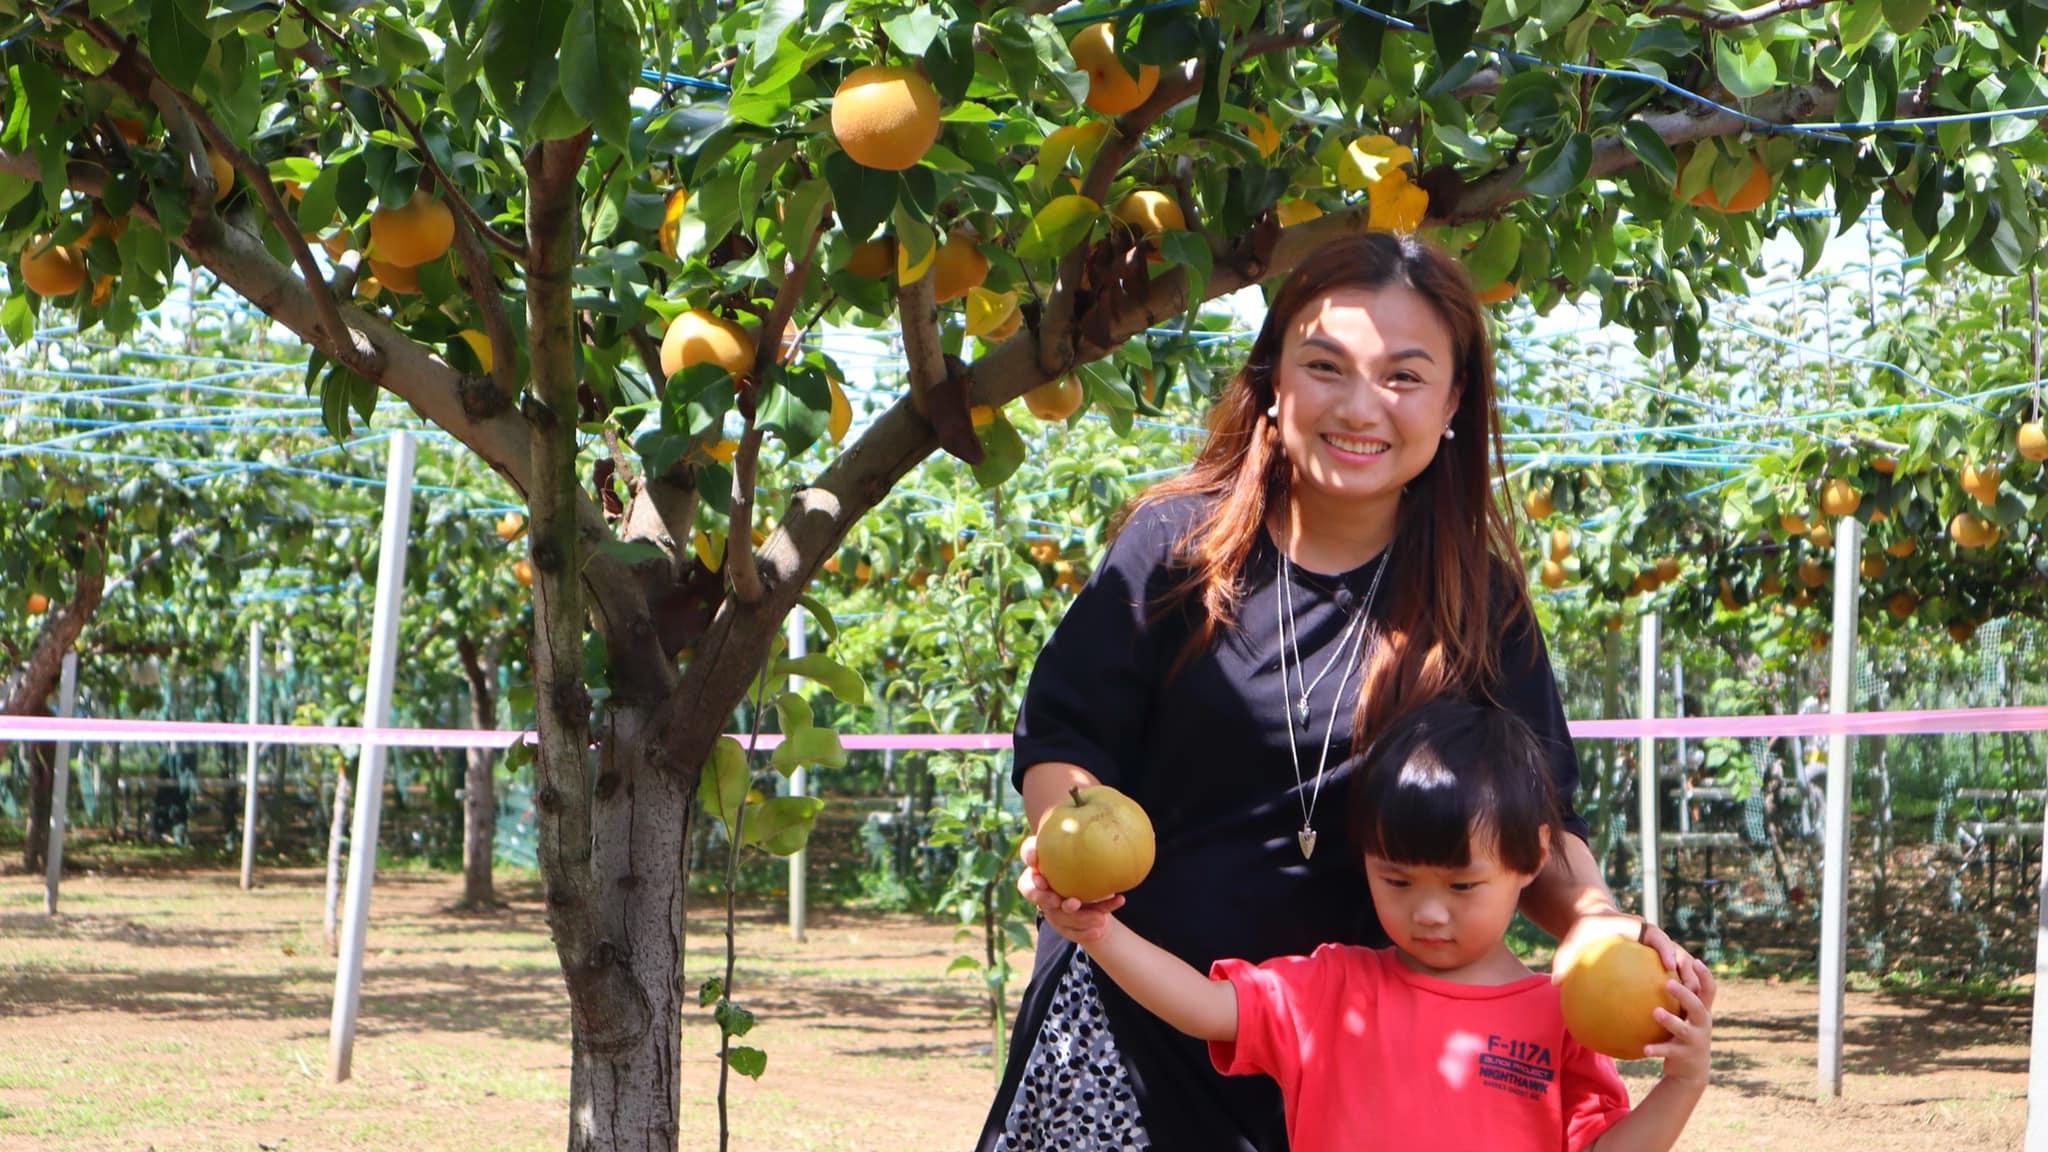 Quỳnh Trần JP ủng hộ 100 triệu đồng giúp đỡ người dân miền Trung